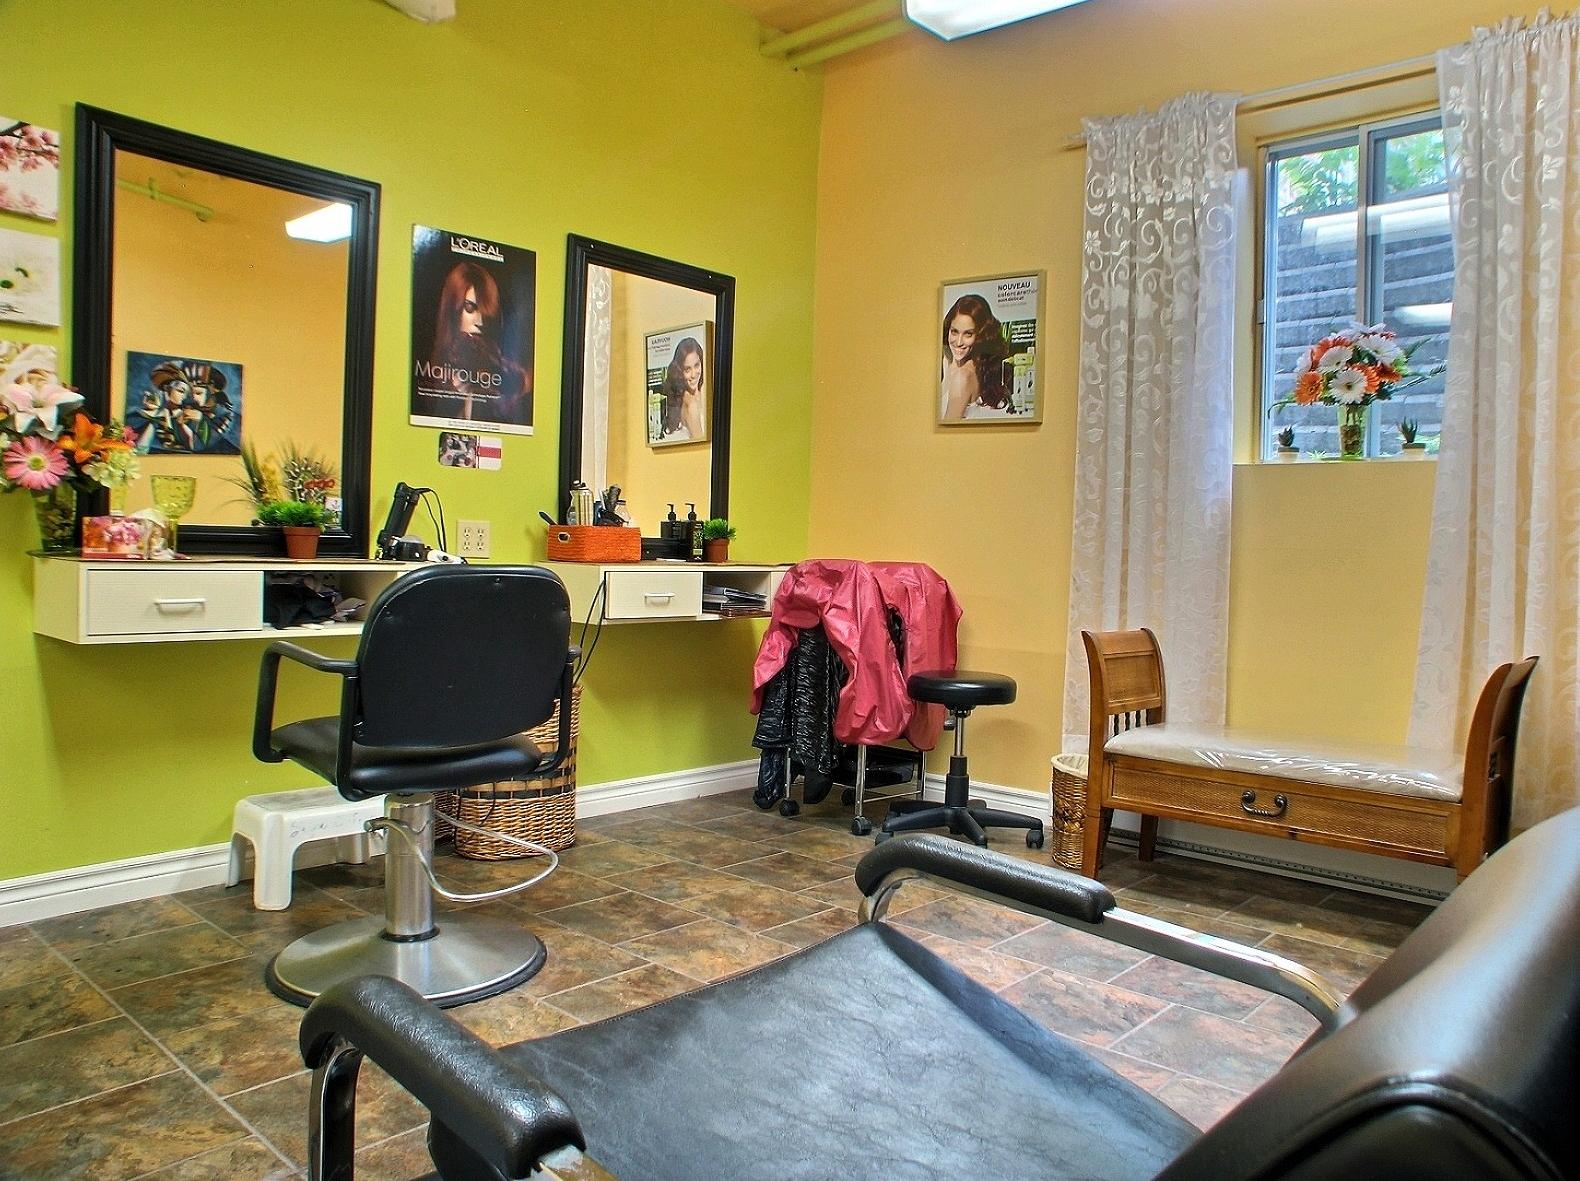 Aires communes r sidence les jardins de montarville milieu de vie alzheimer - Salon de coiffure arcachon ...